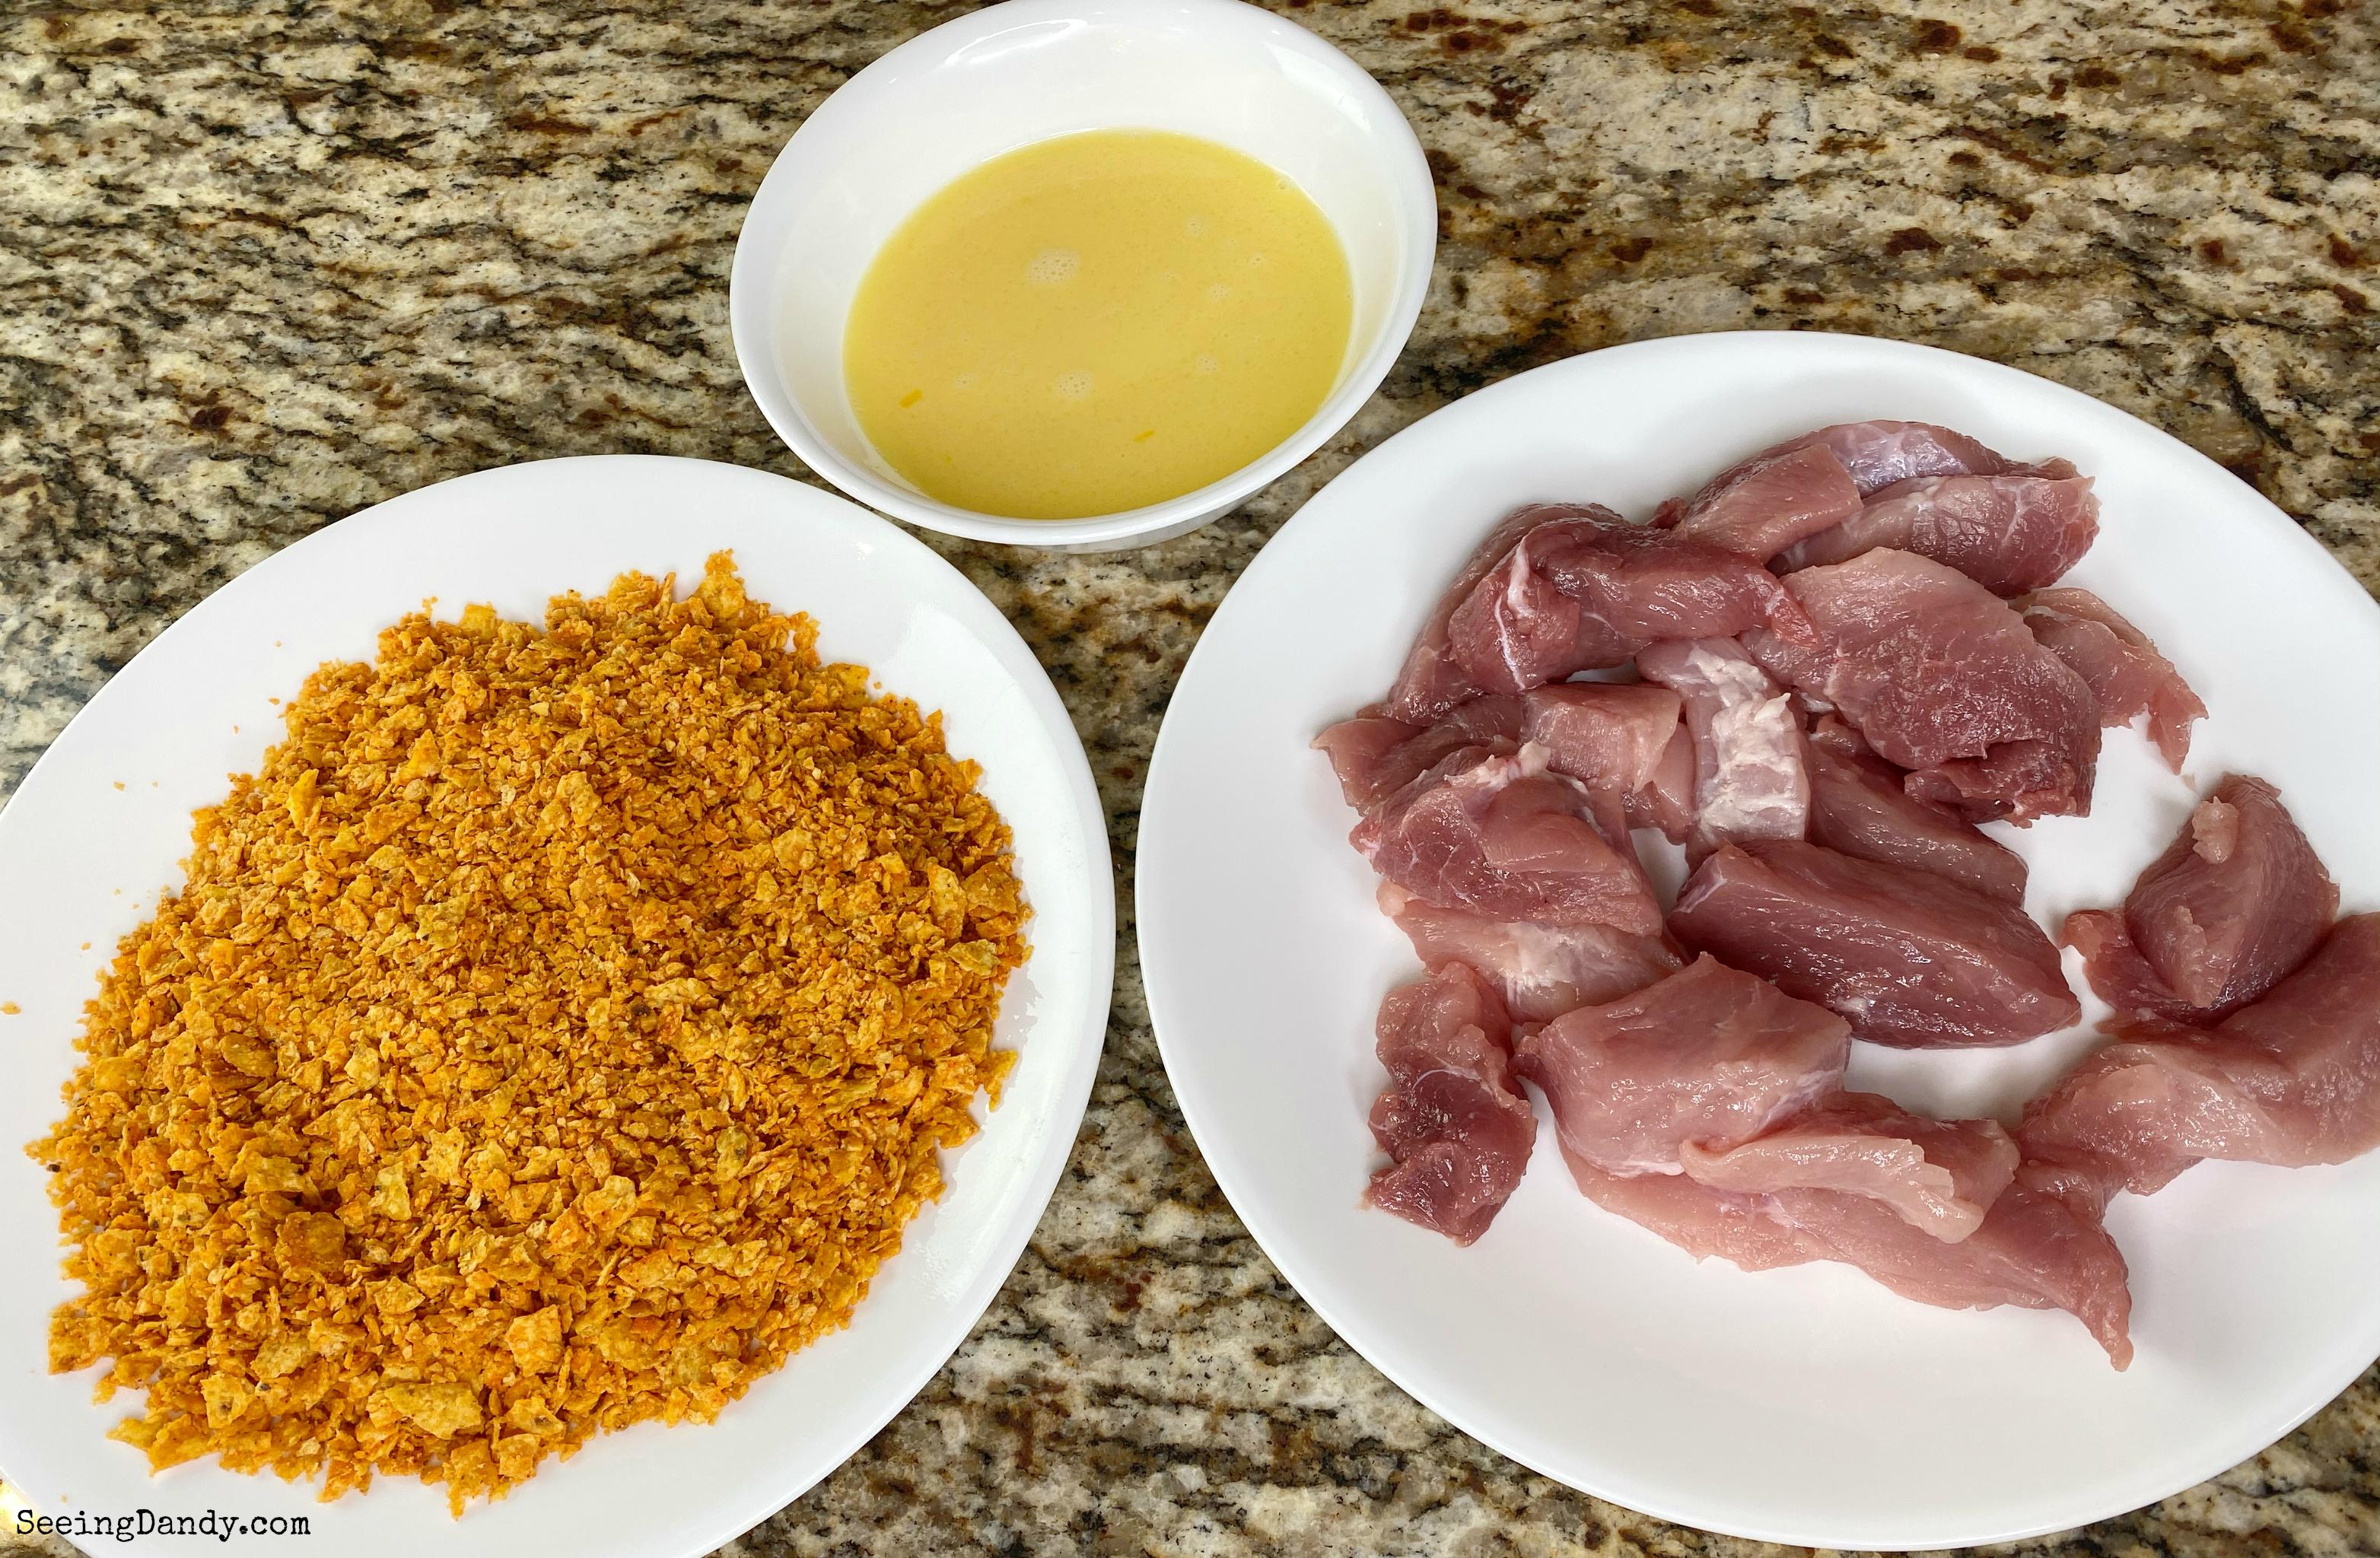 Crushed Doritos, pork sirloin strips, and blended egg.